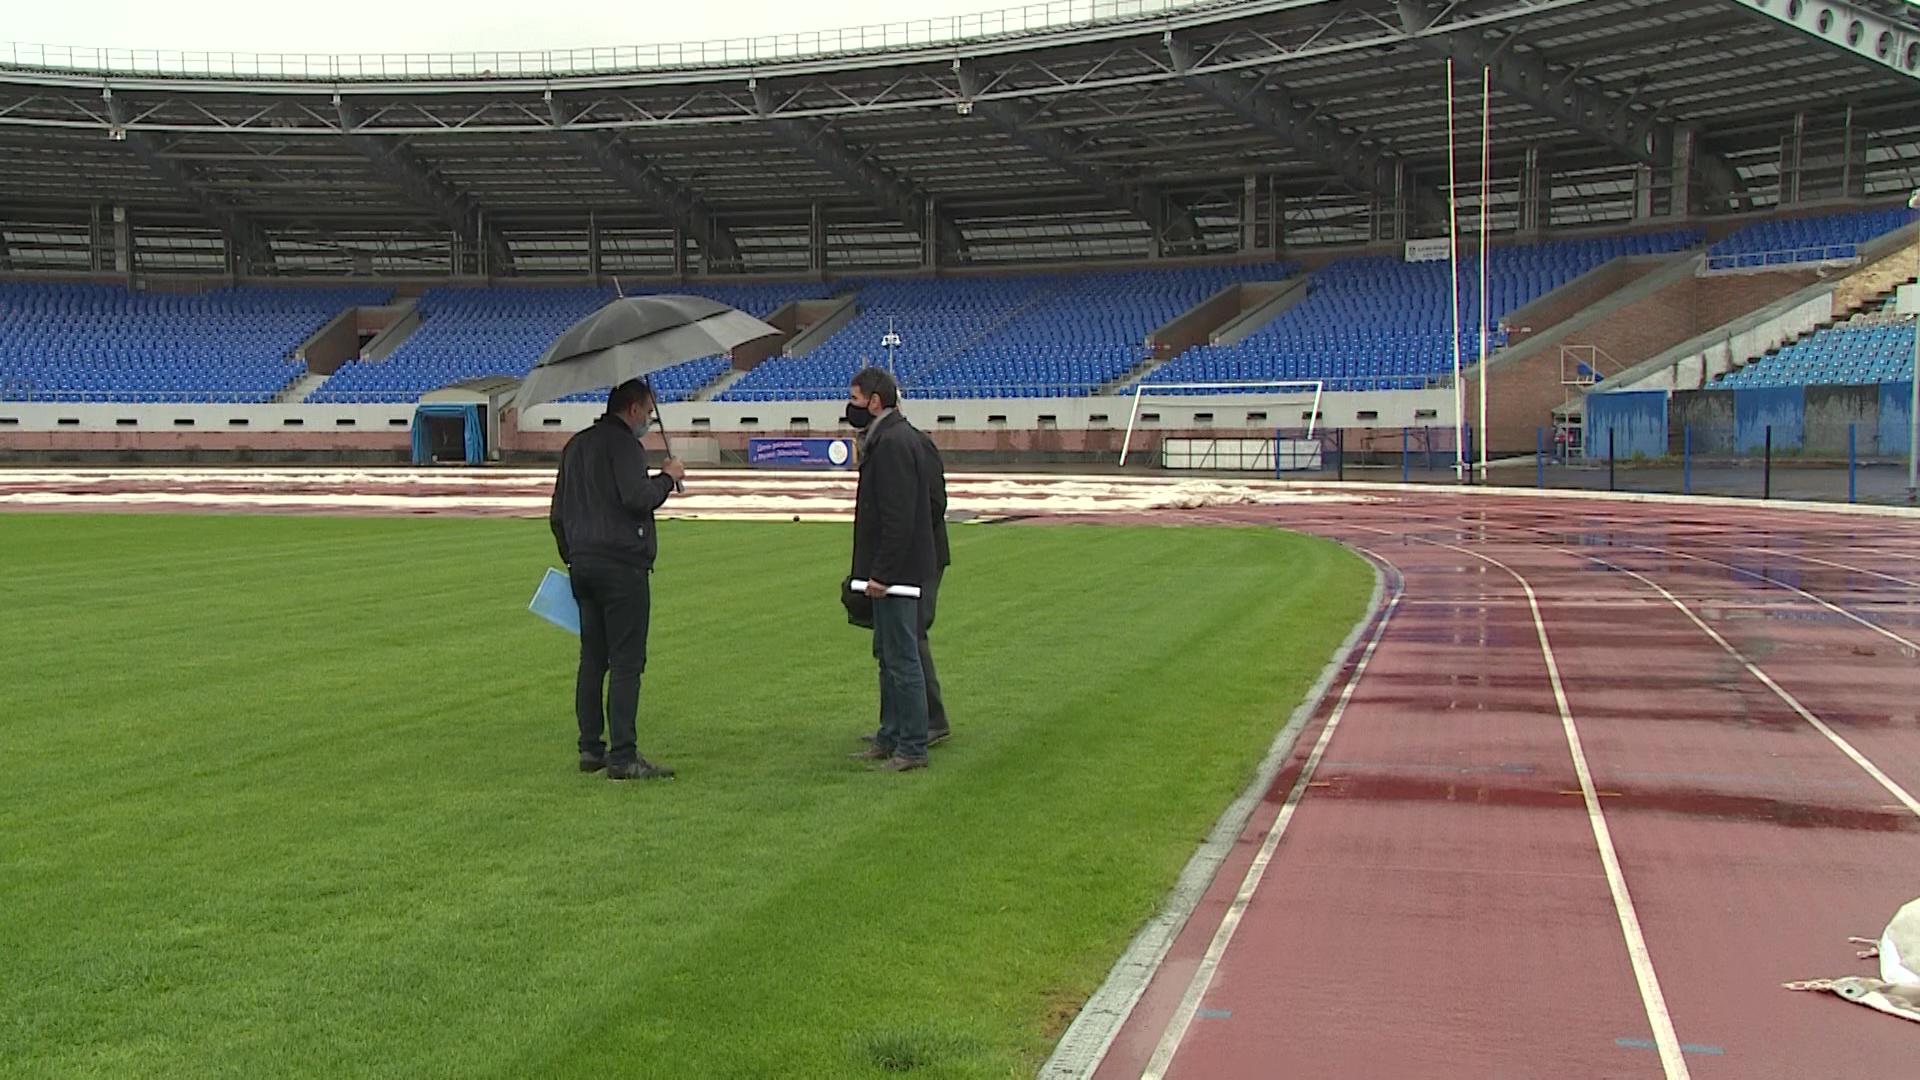 Комиссия РФС и ФНЛ проинспектировала стадион «Шинник»: быть ли футболу в Ярославле